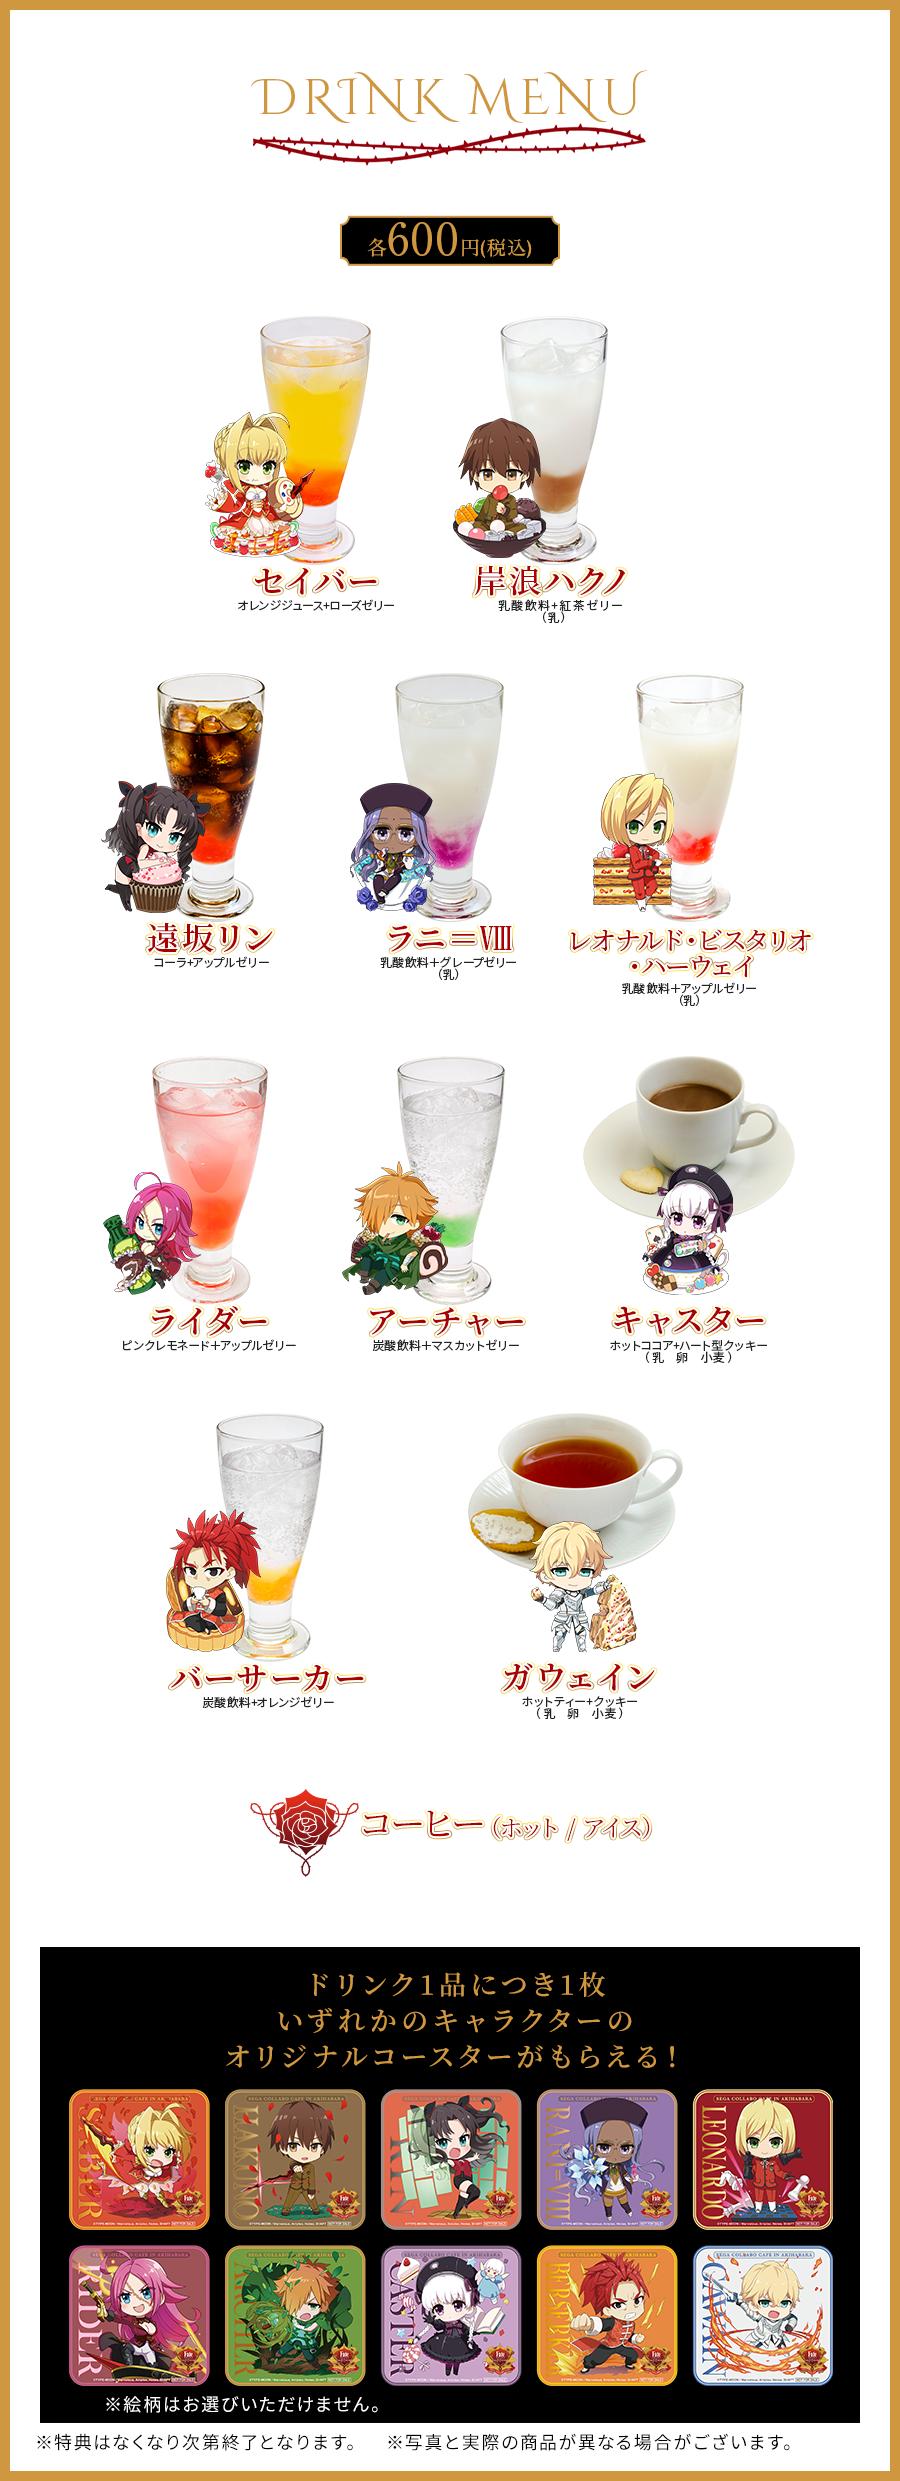 Phase 1 - Drink Menu